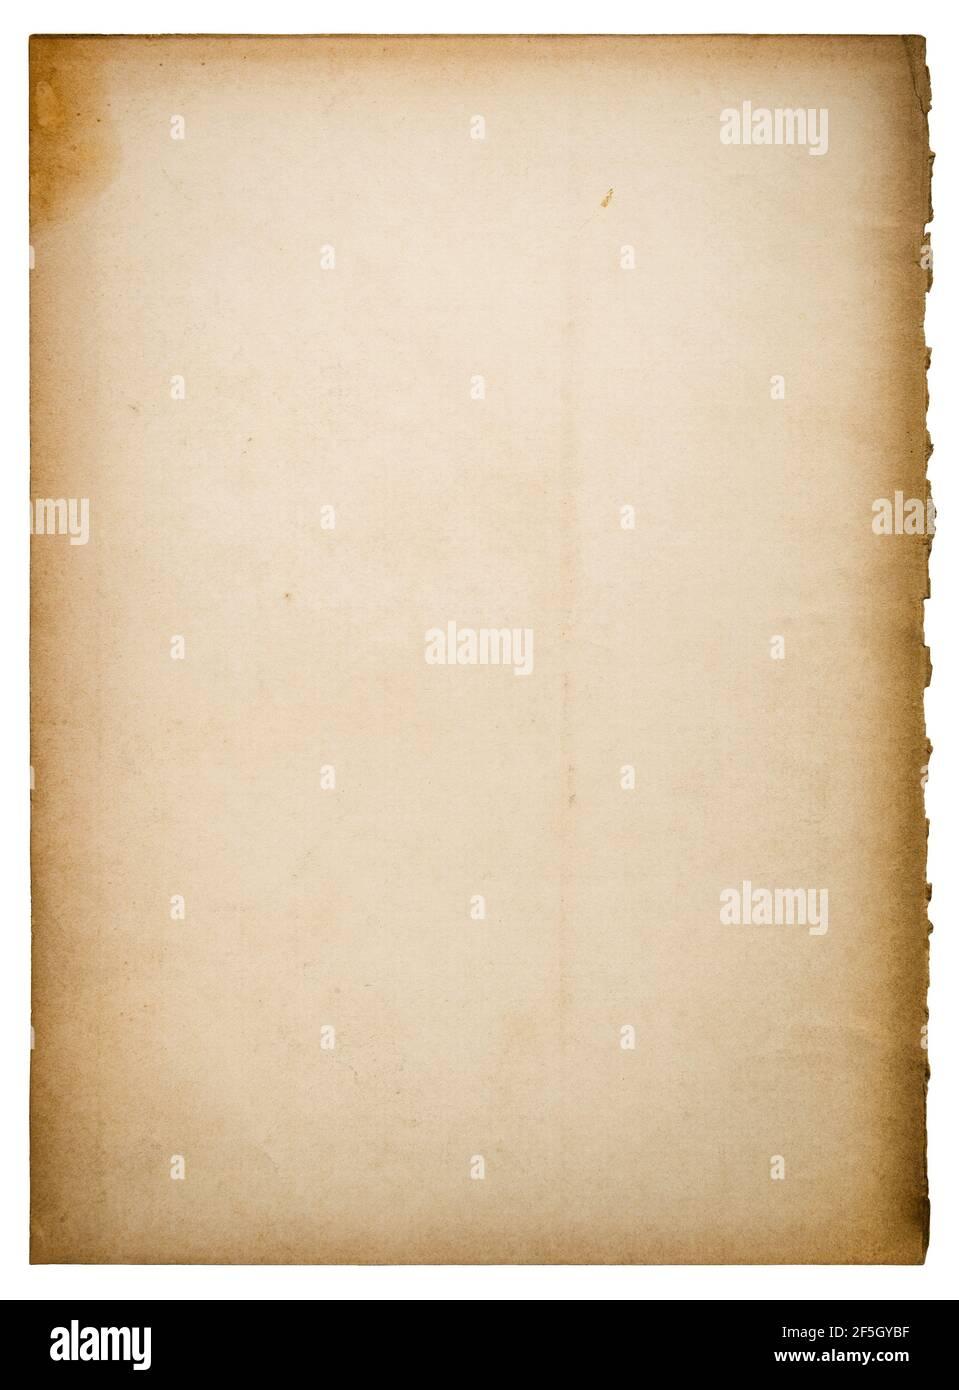 Feuille de papier ancienne avec bords déchirés isolés sur fond blanc Banque D'Images